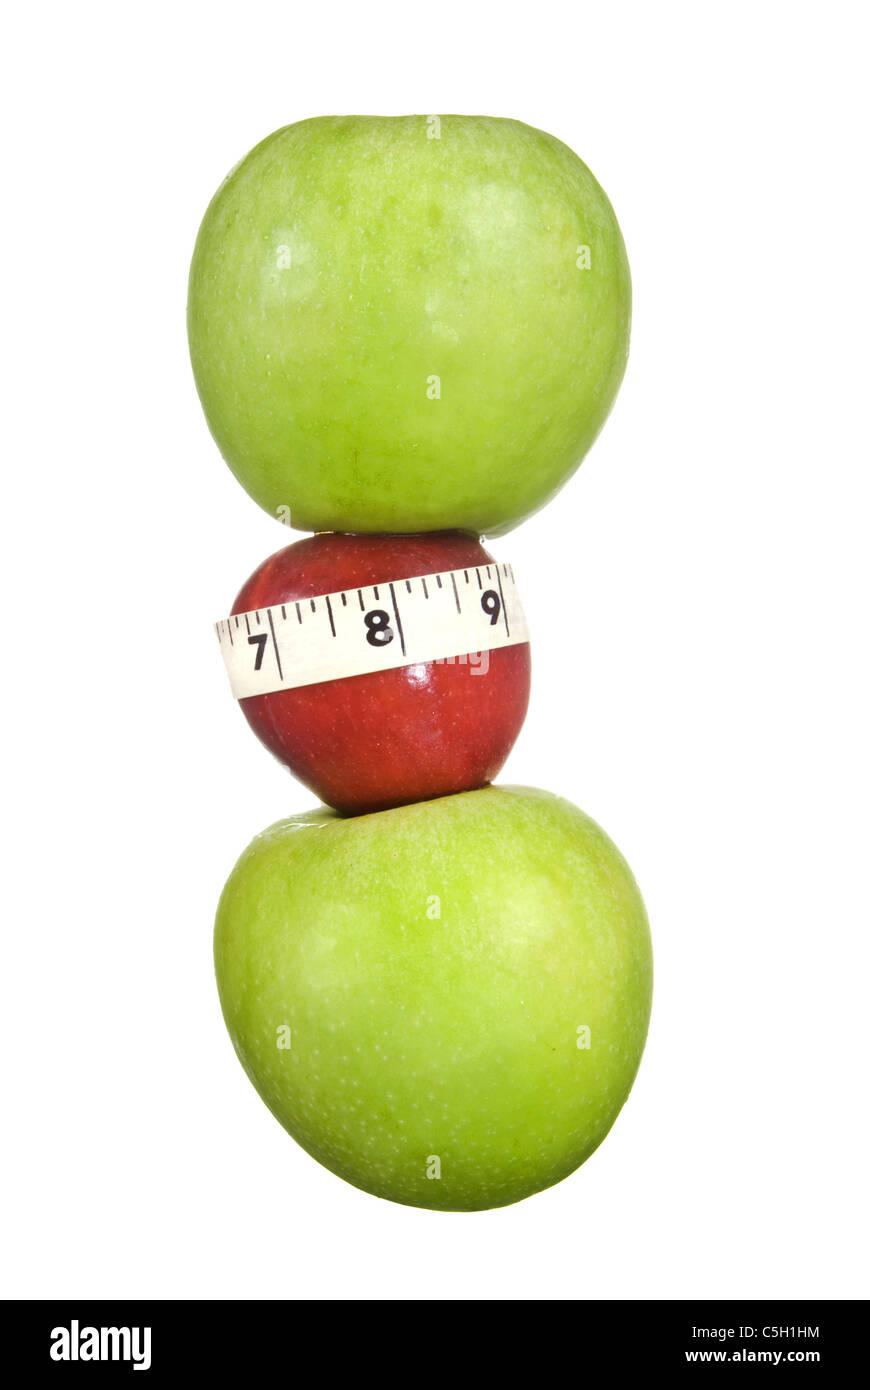 Une figurine d'apple montre une taille mince avec la permission de manger une pomme par jour. Photo Stock